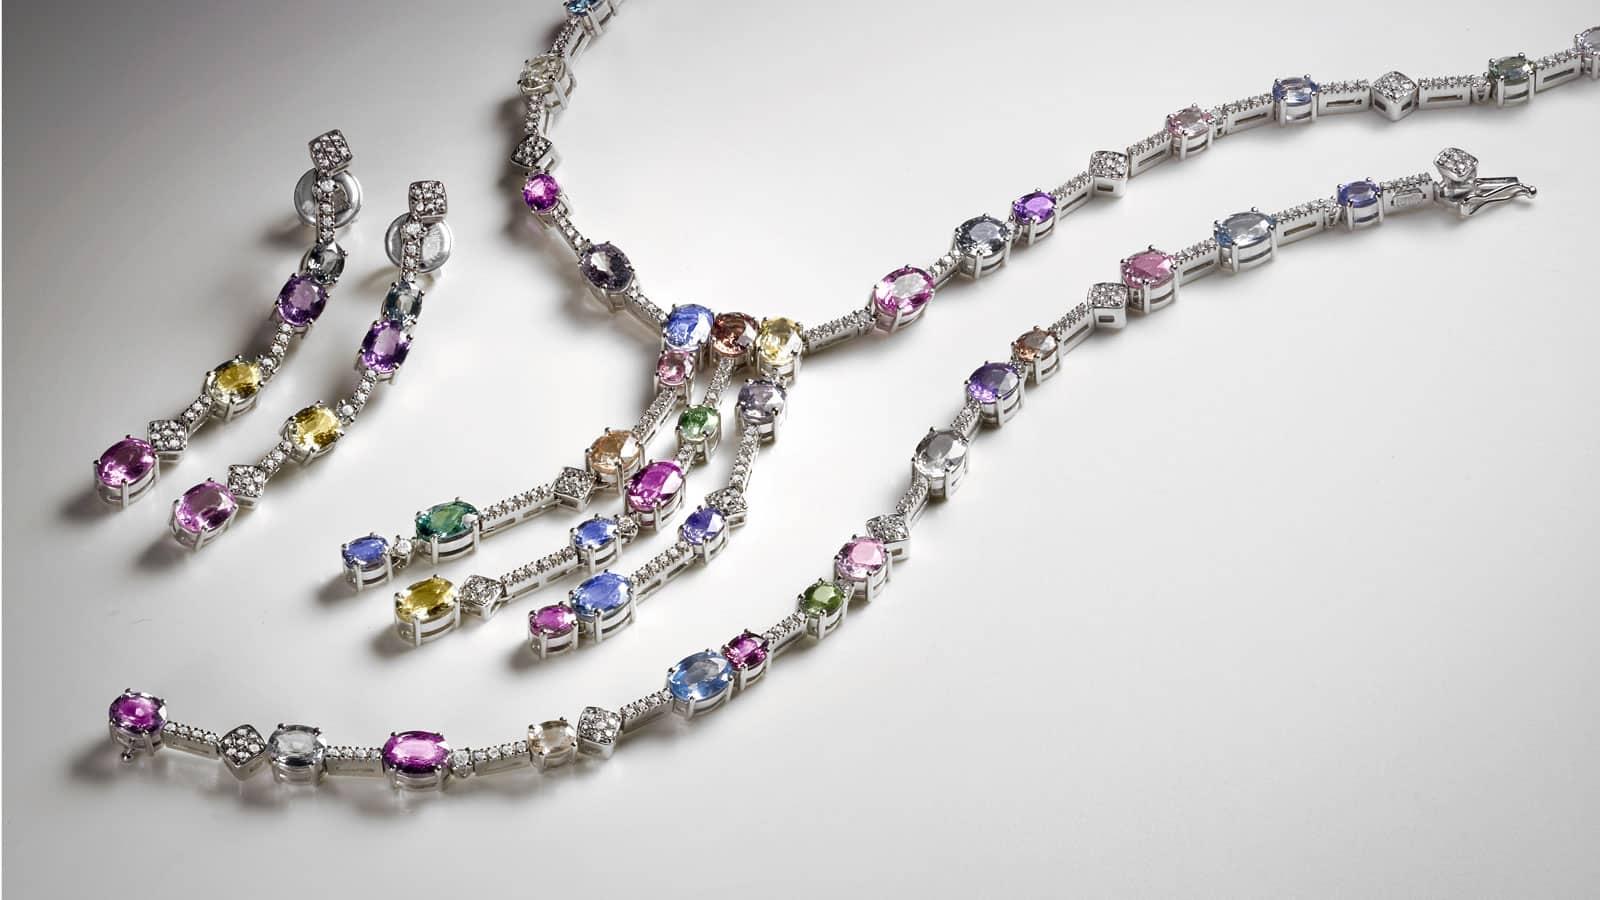 piero-milano-bague-boucles-d-oreilles-collier-bijoux-lionel-meylan-horlogerie-joaillerie-vevey